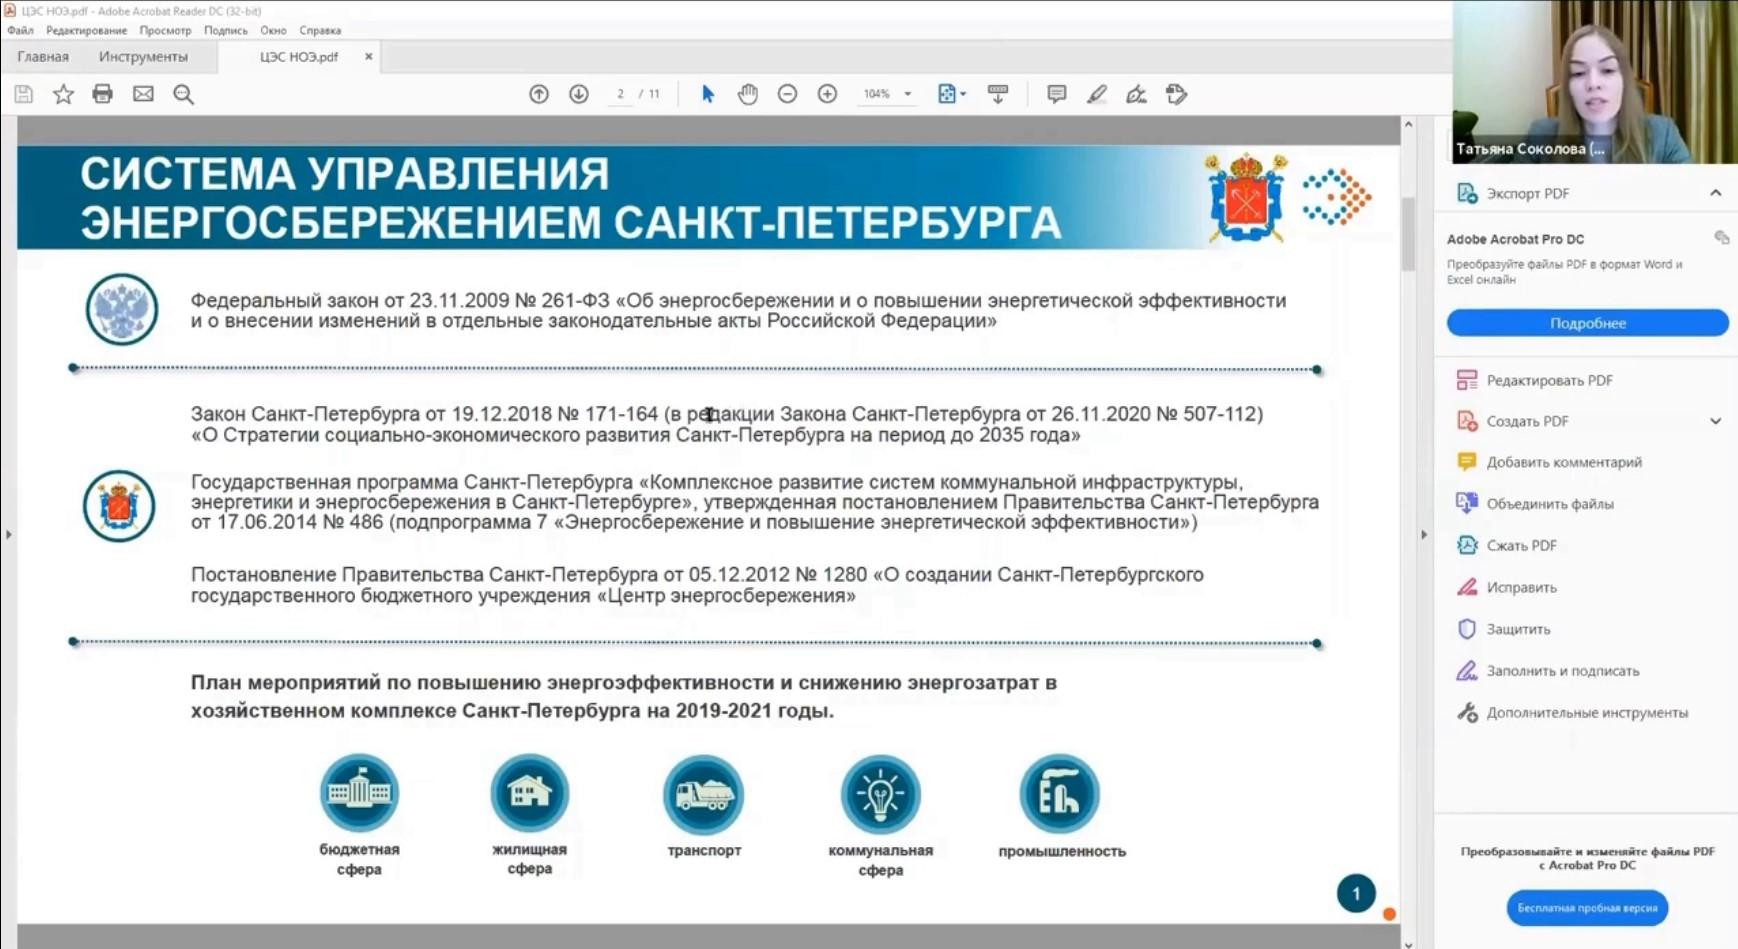 Доклад Т.Соколова